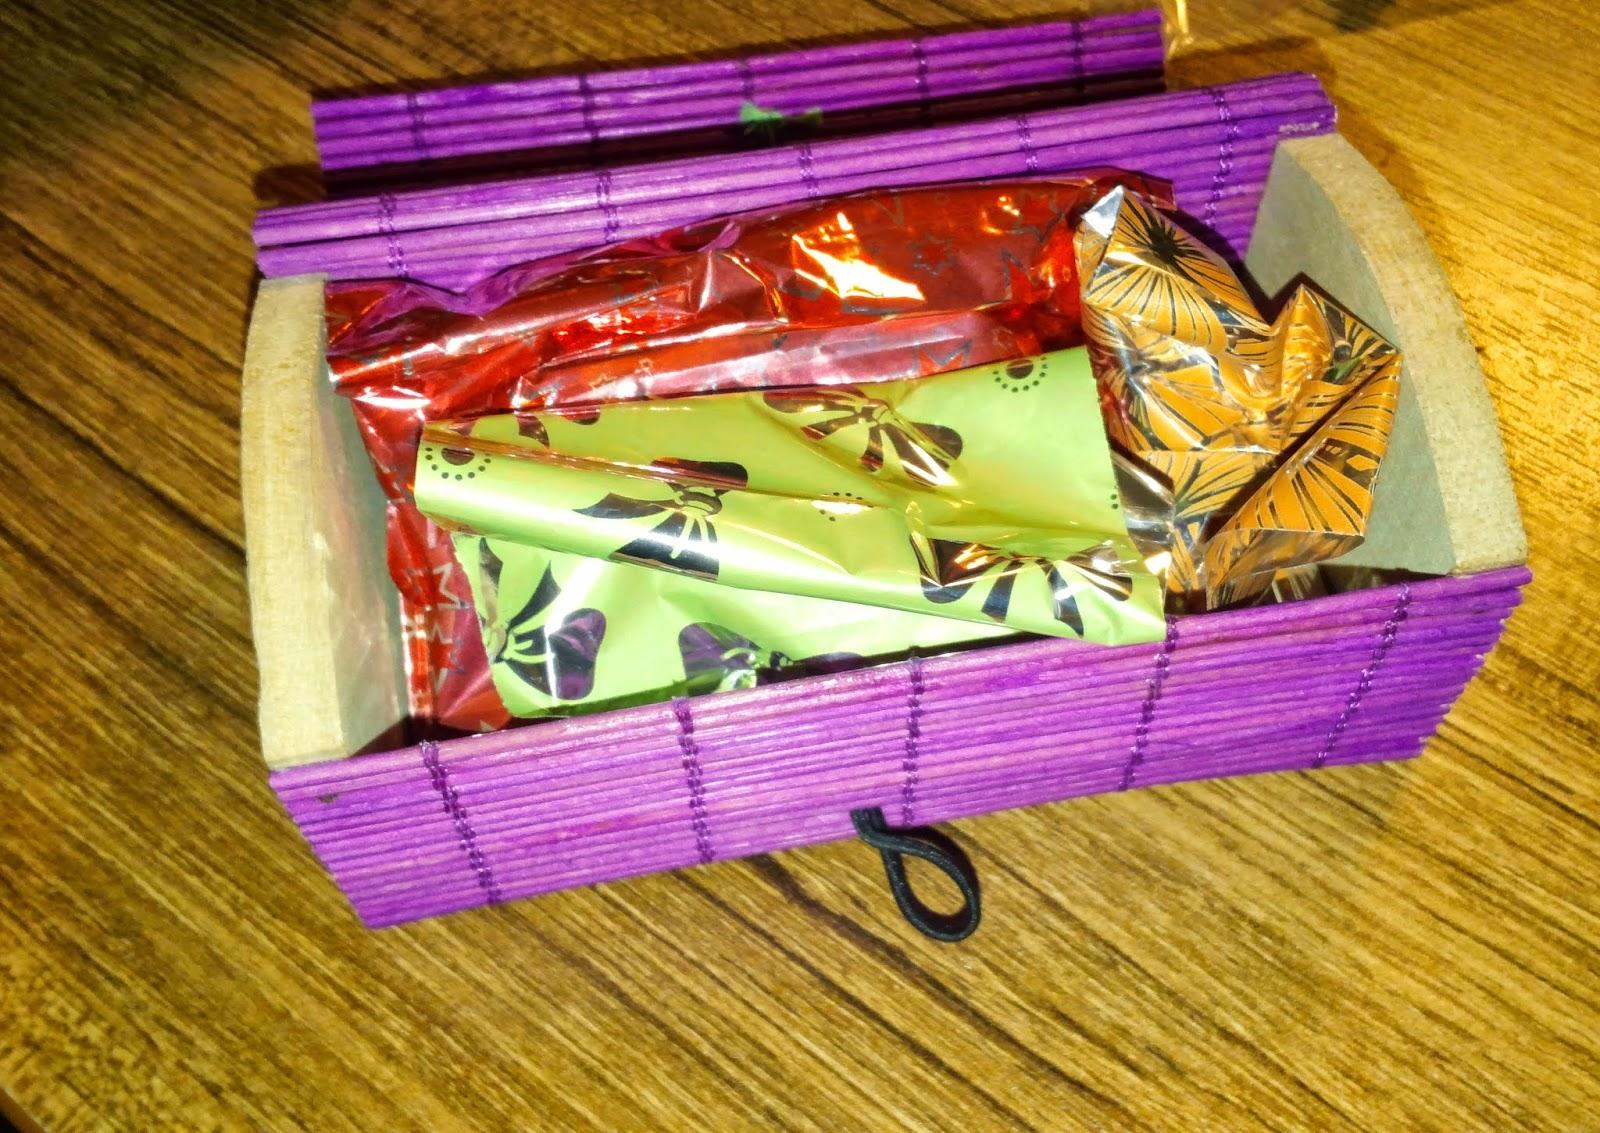 Paket içinde paket